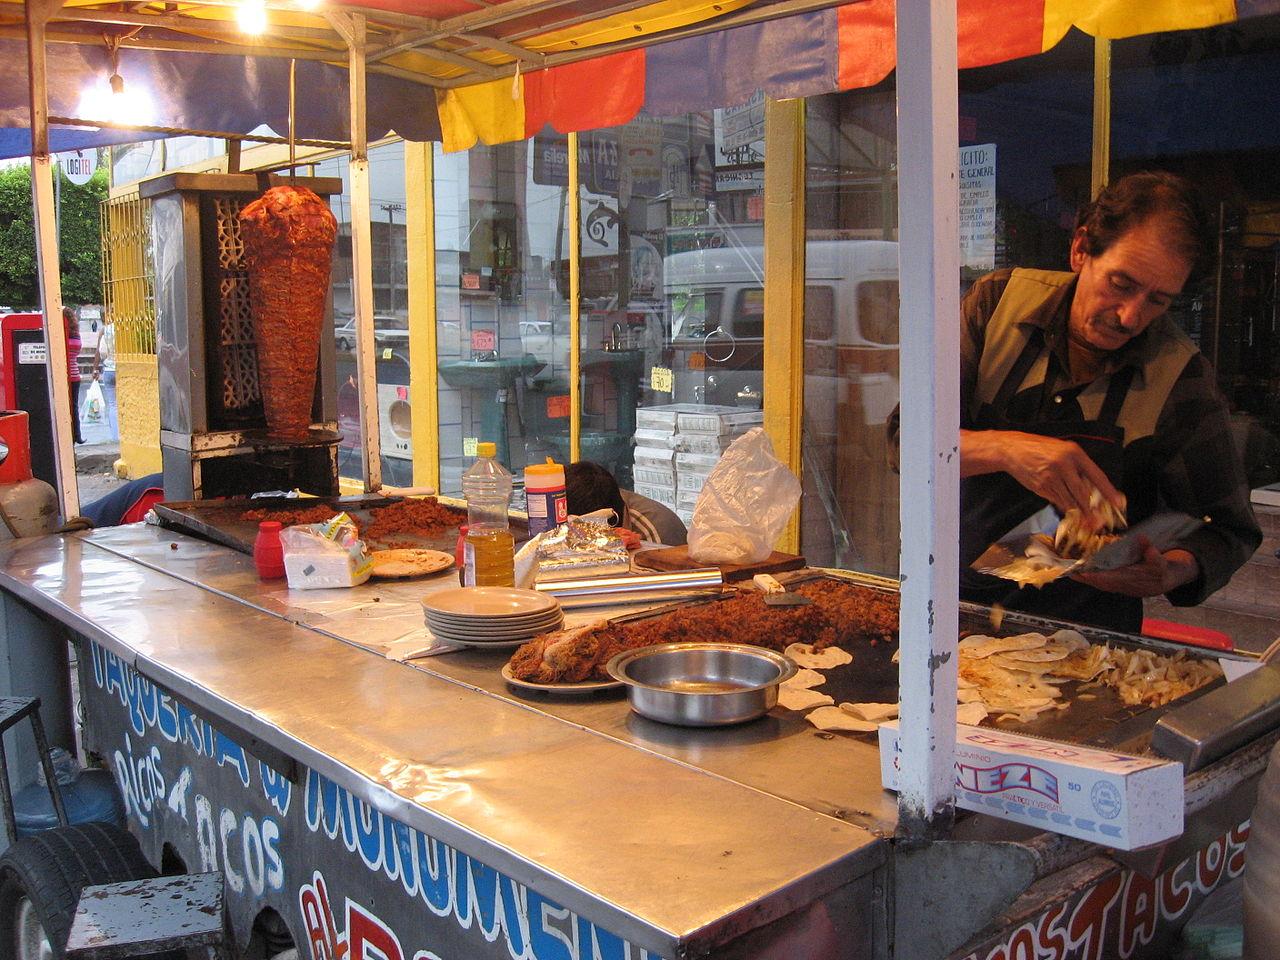 puesto de comida callejera con tacos